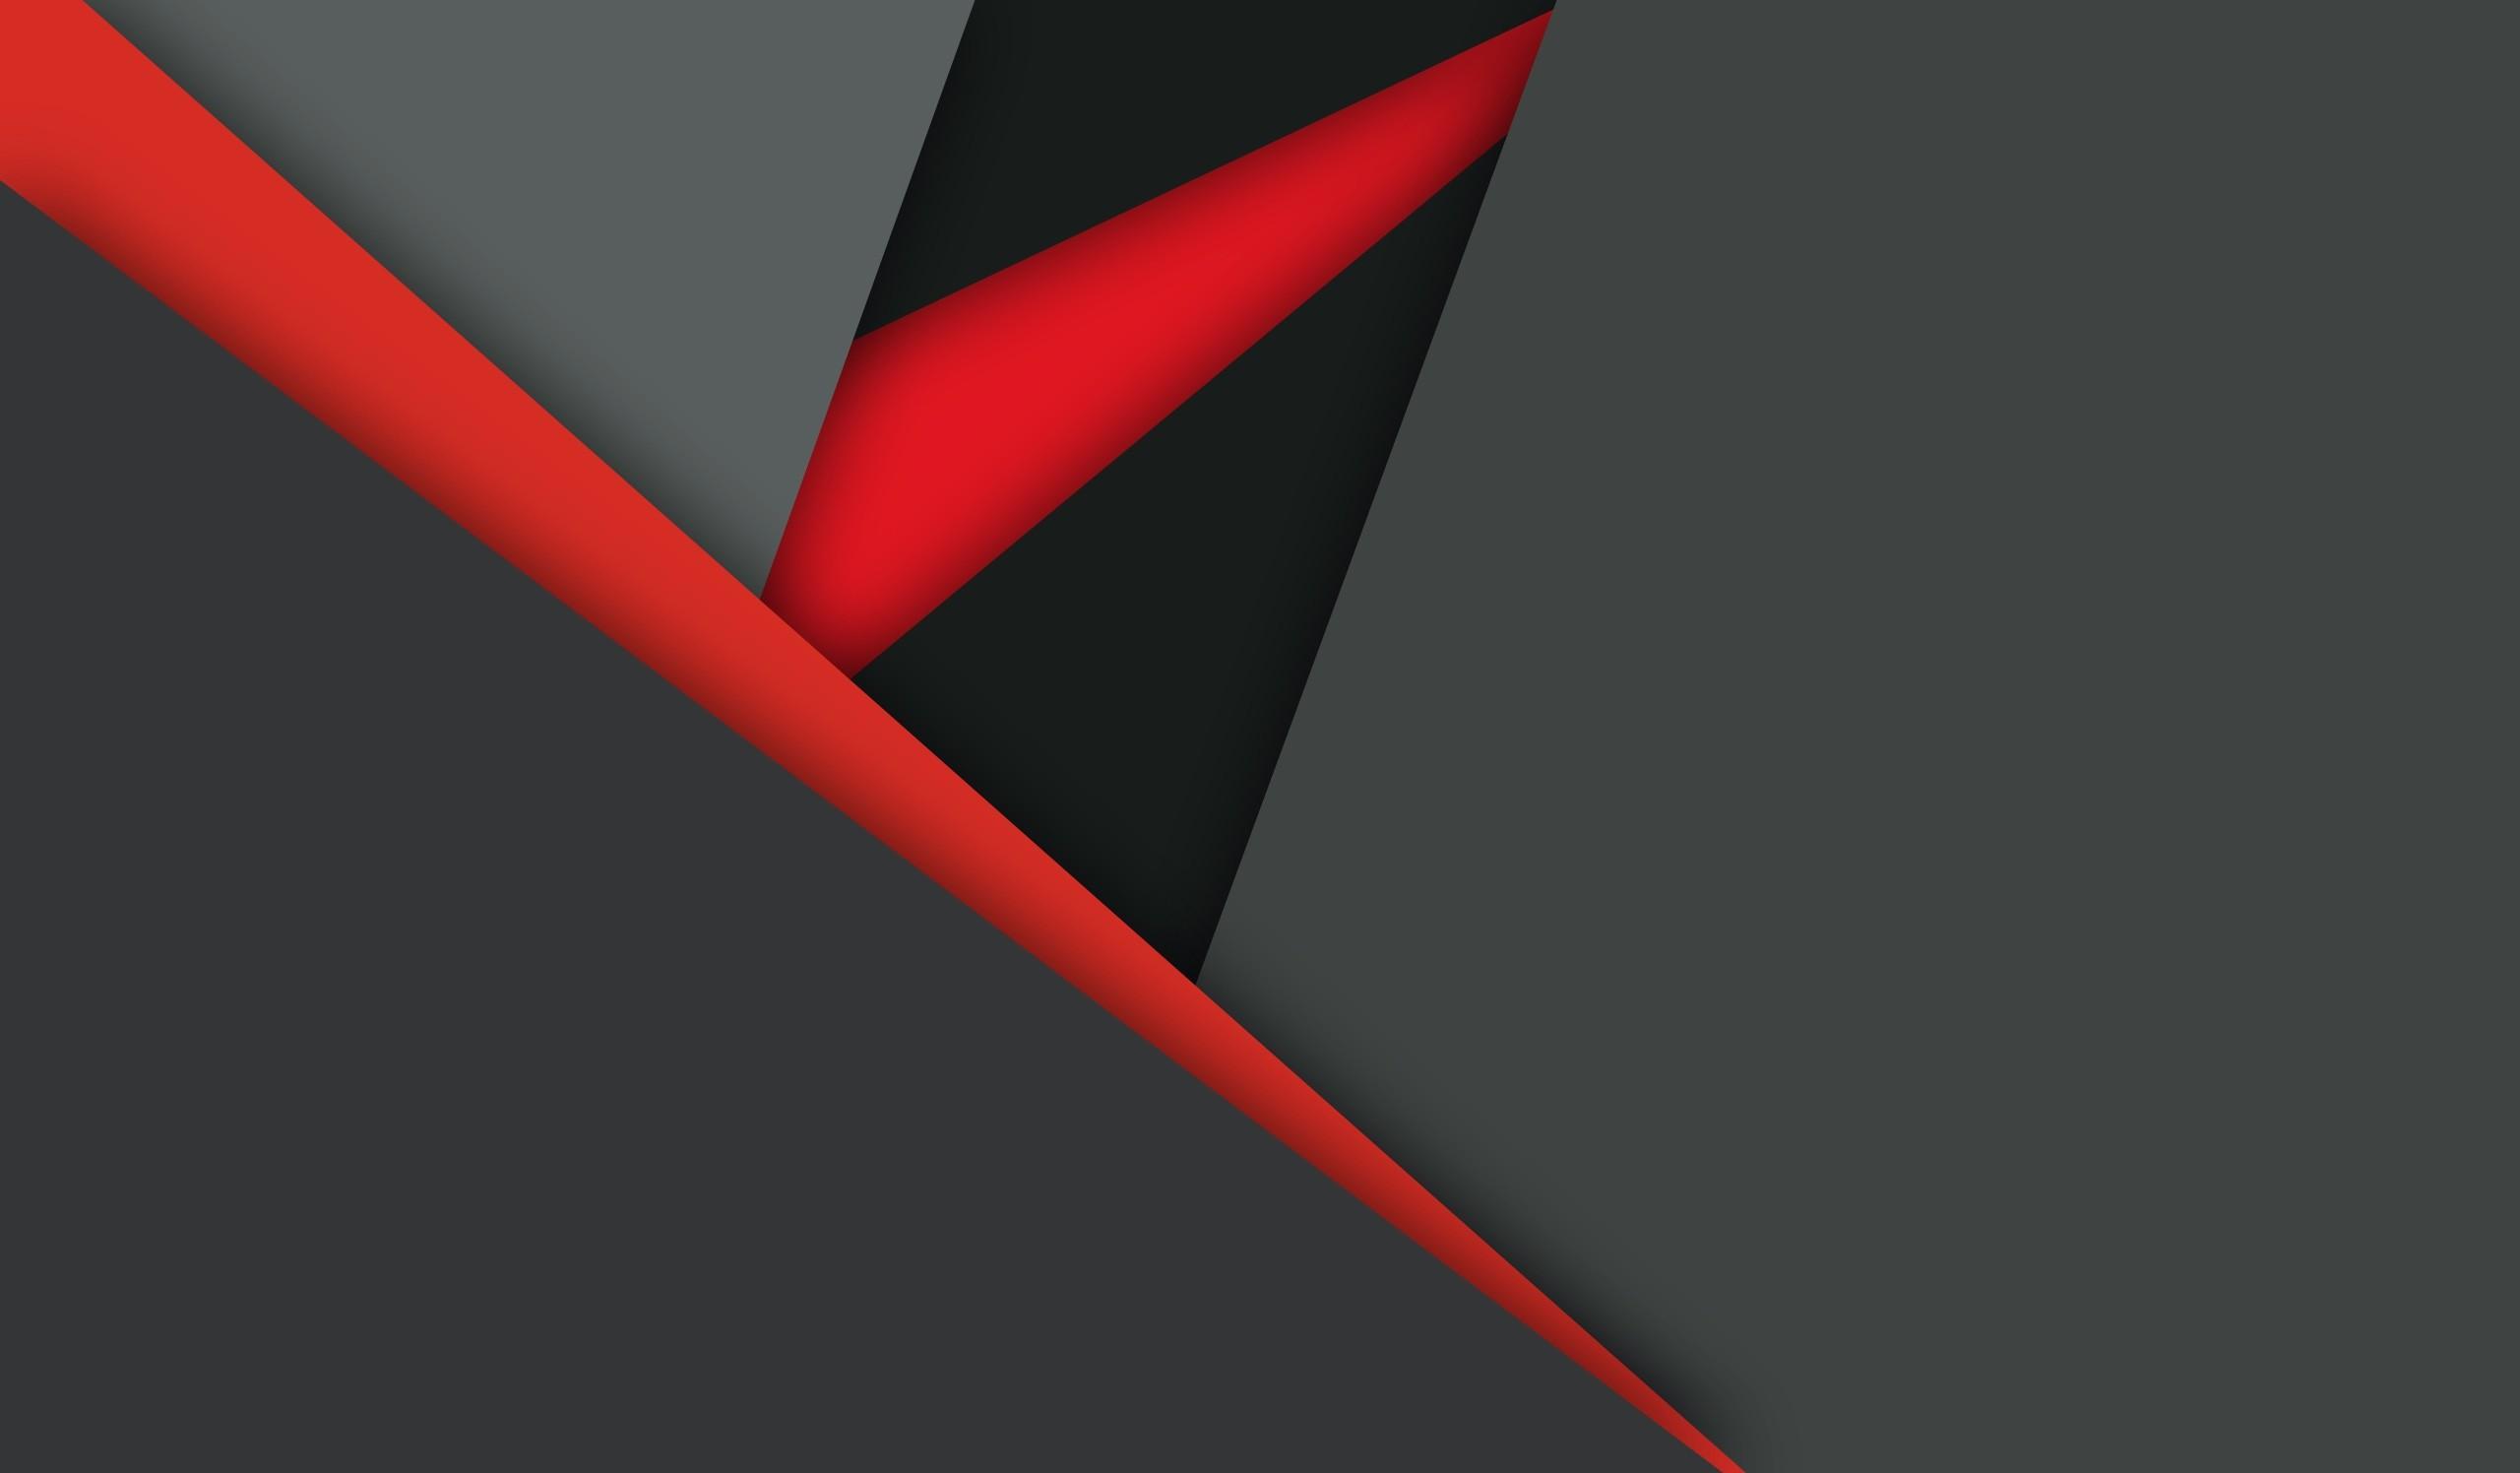 Material Design Dark Red Black